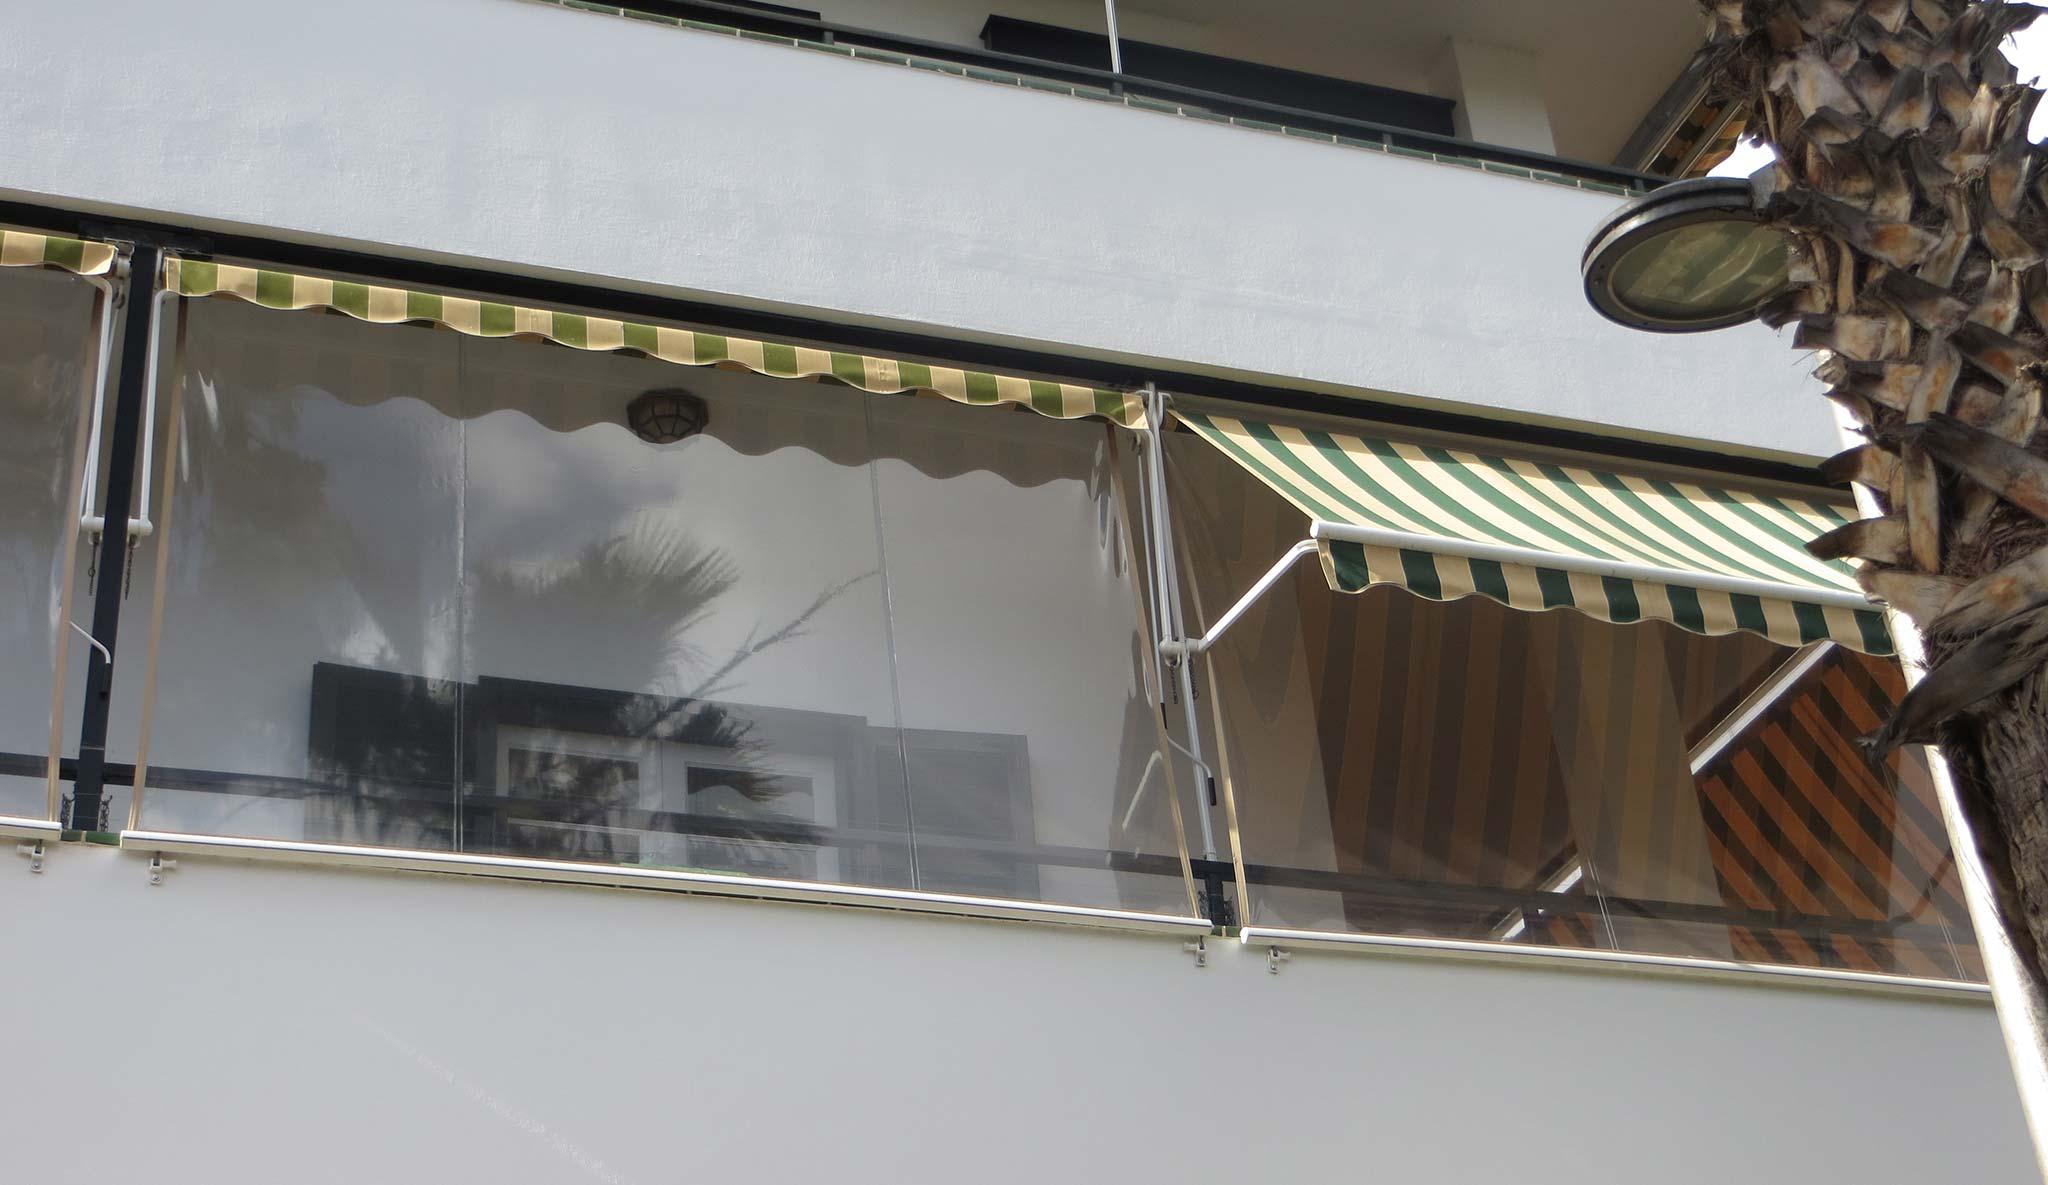 55 Inspirierende Seitenschutz Balkon Ohne Bohren Ideen